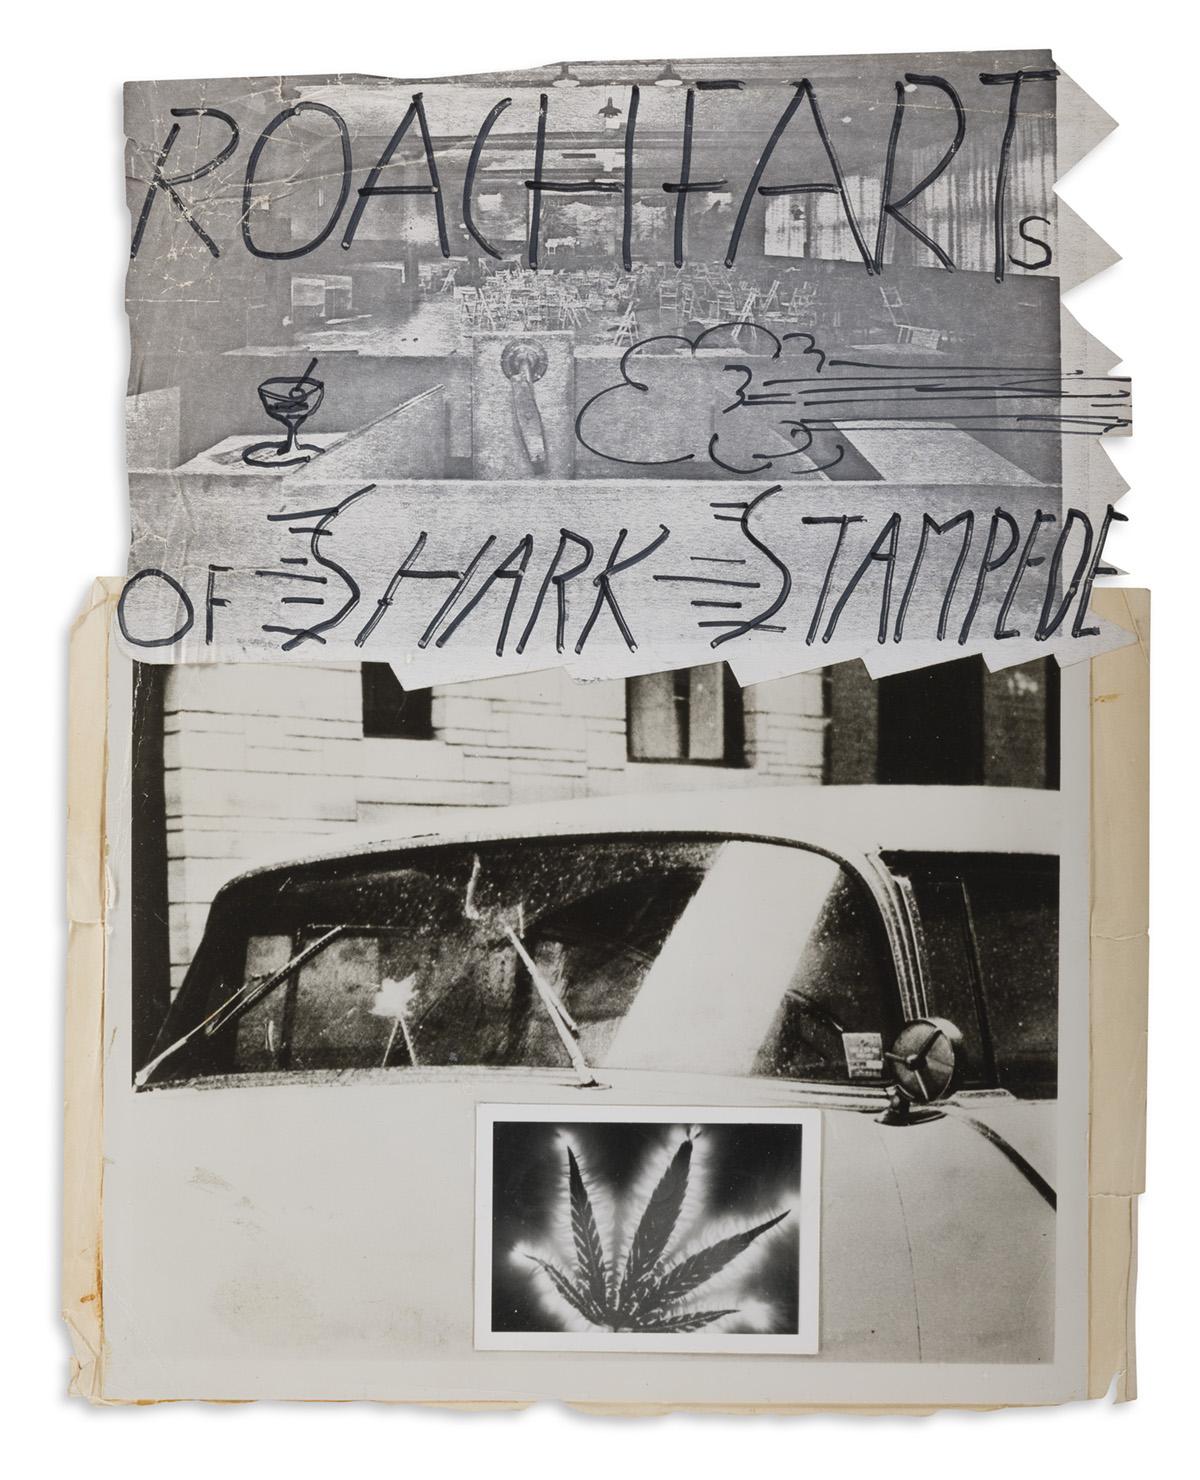 JACK-SMITH-(1932-1989)-Roach-Farts-of-Shark-Stampede